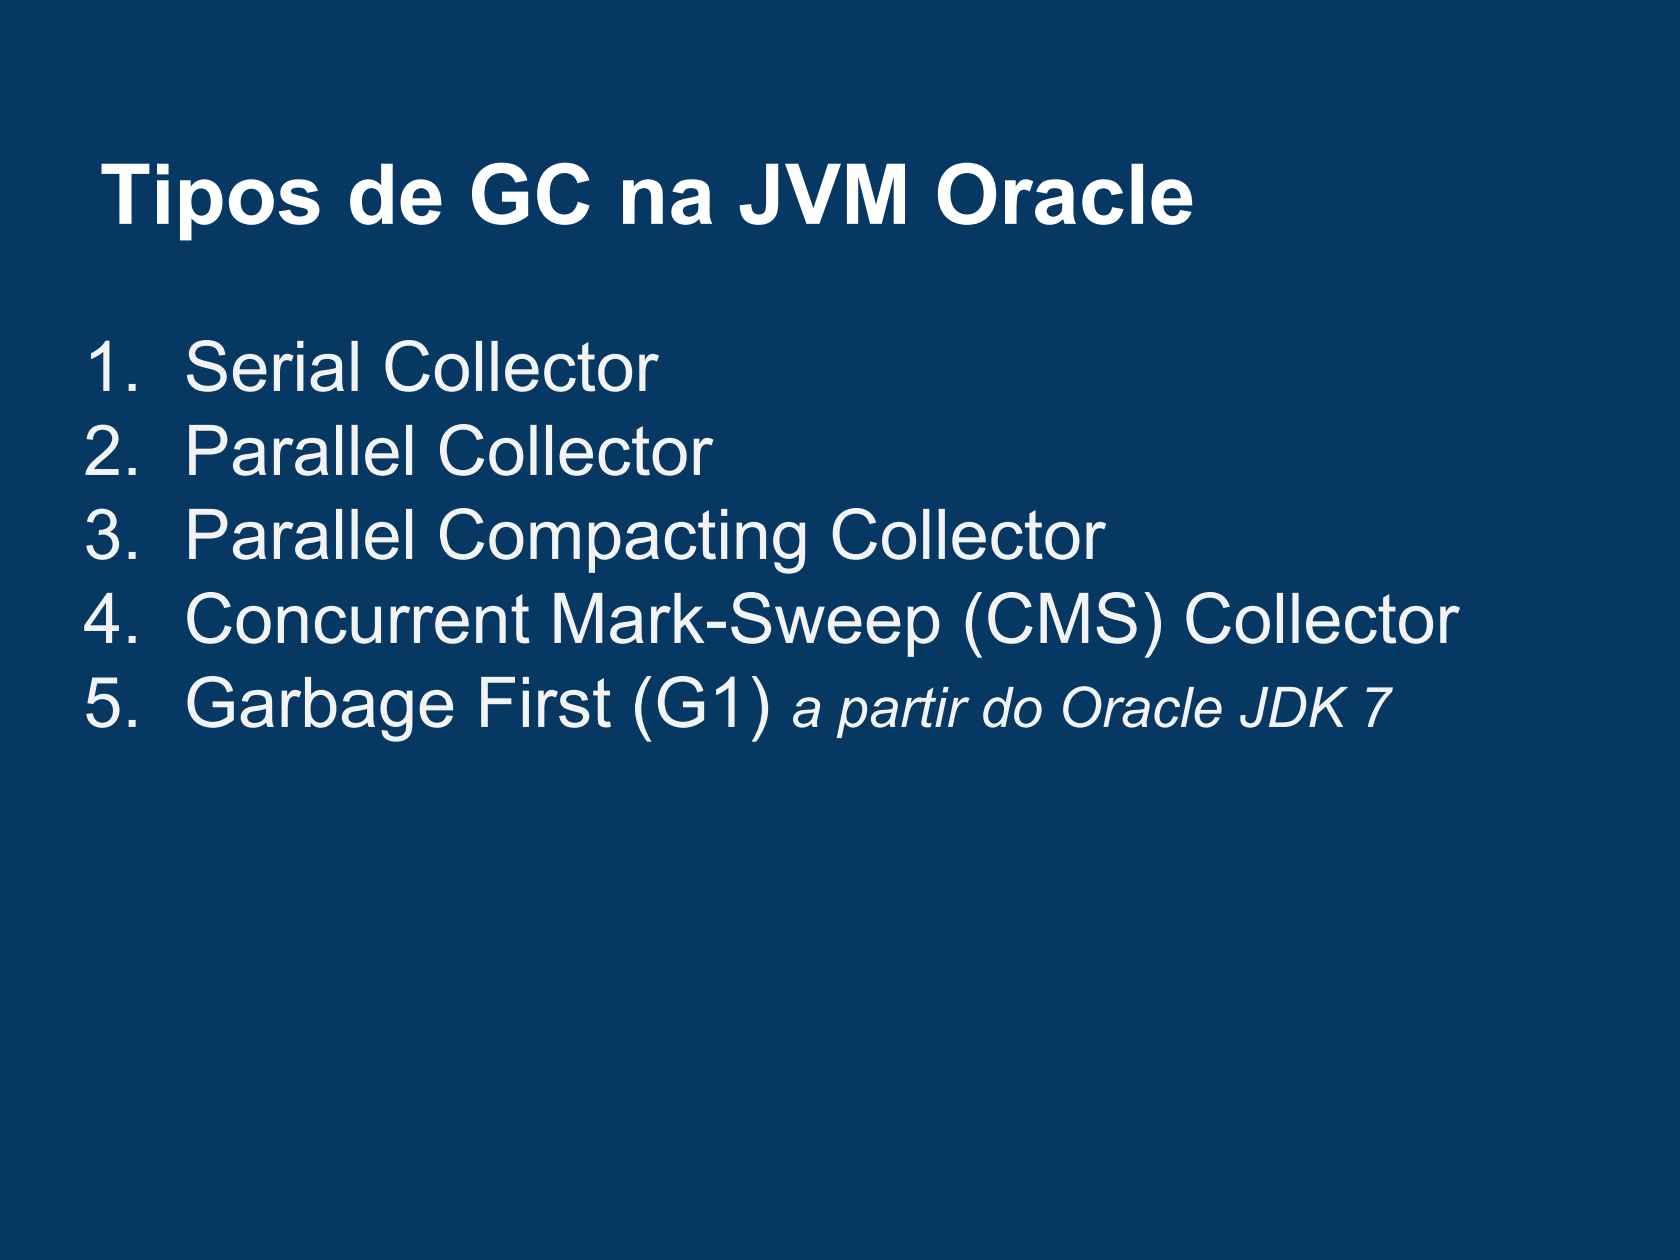 Jvm Oracle